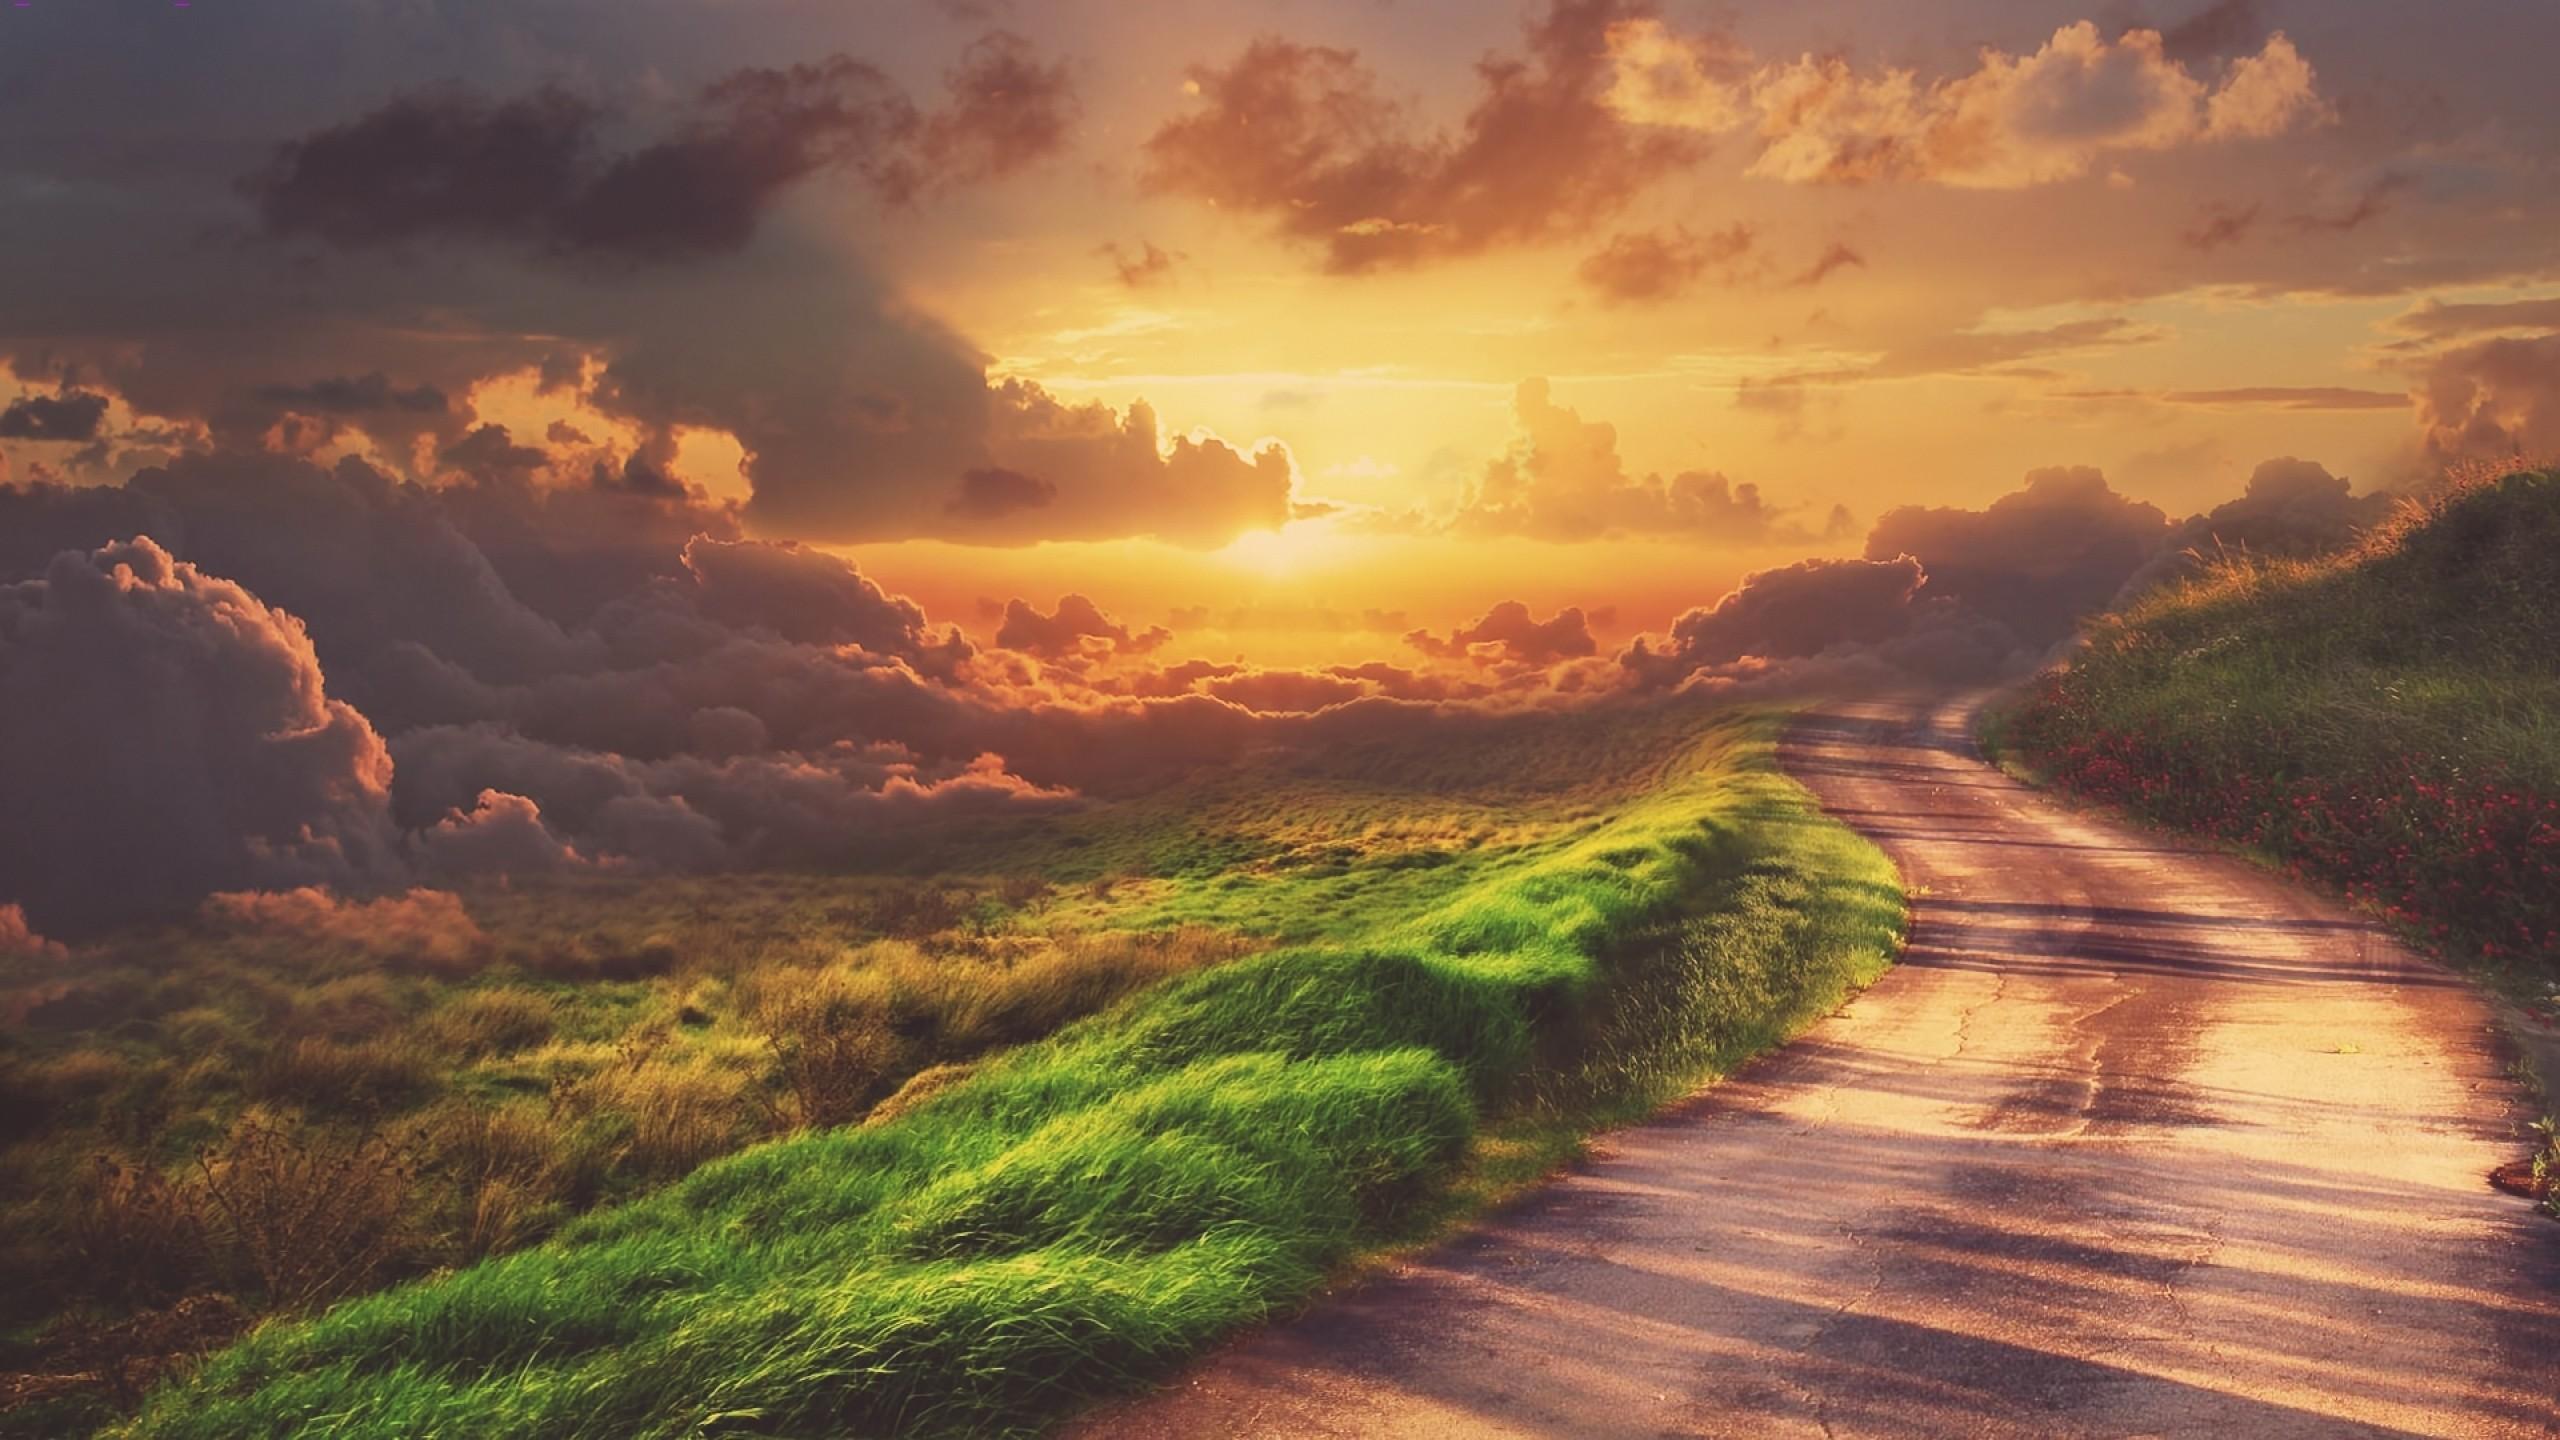 головных картинки на рабочий стол дорога в небеса менее, продукт